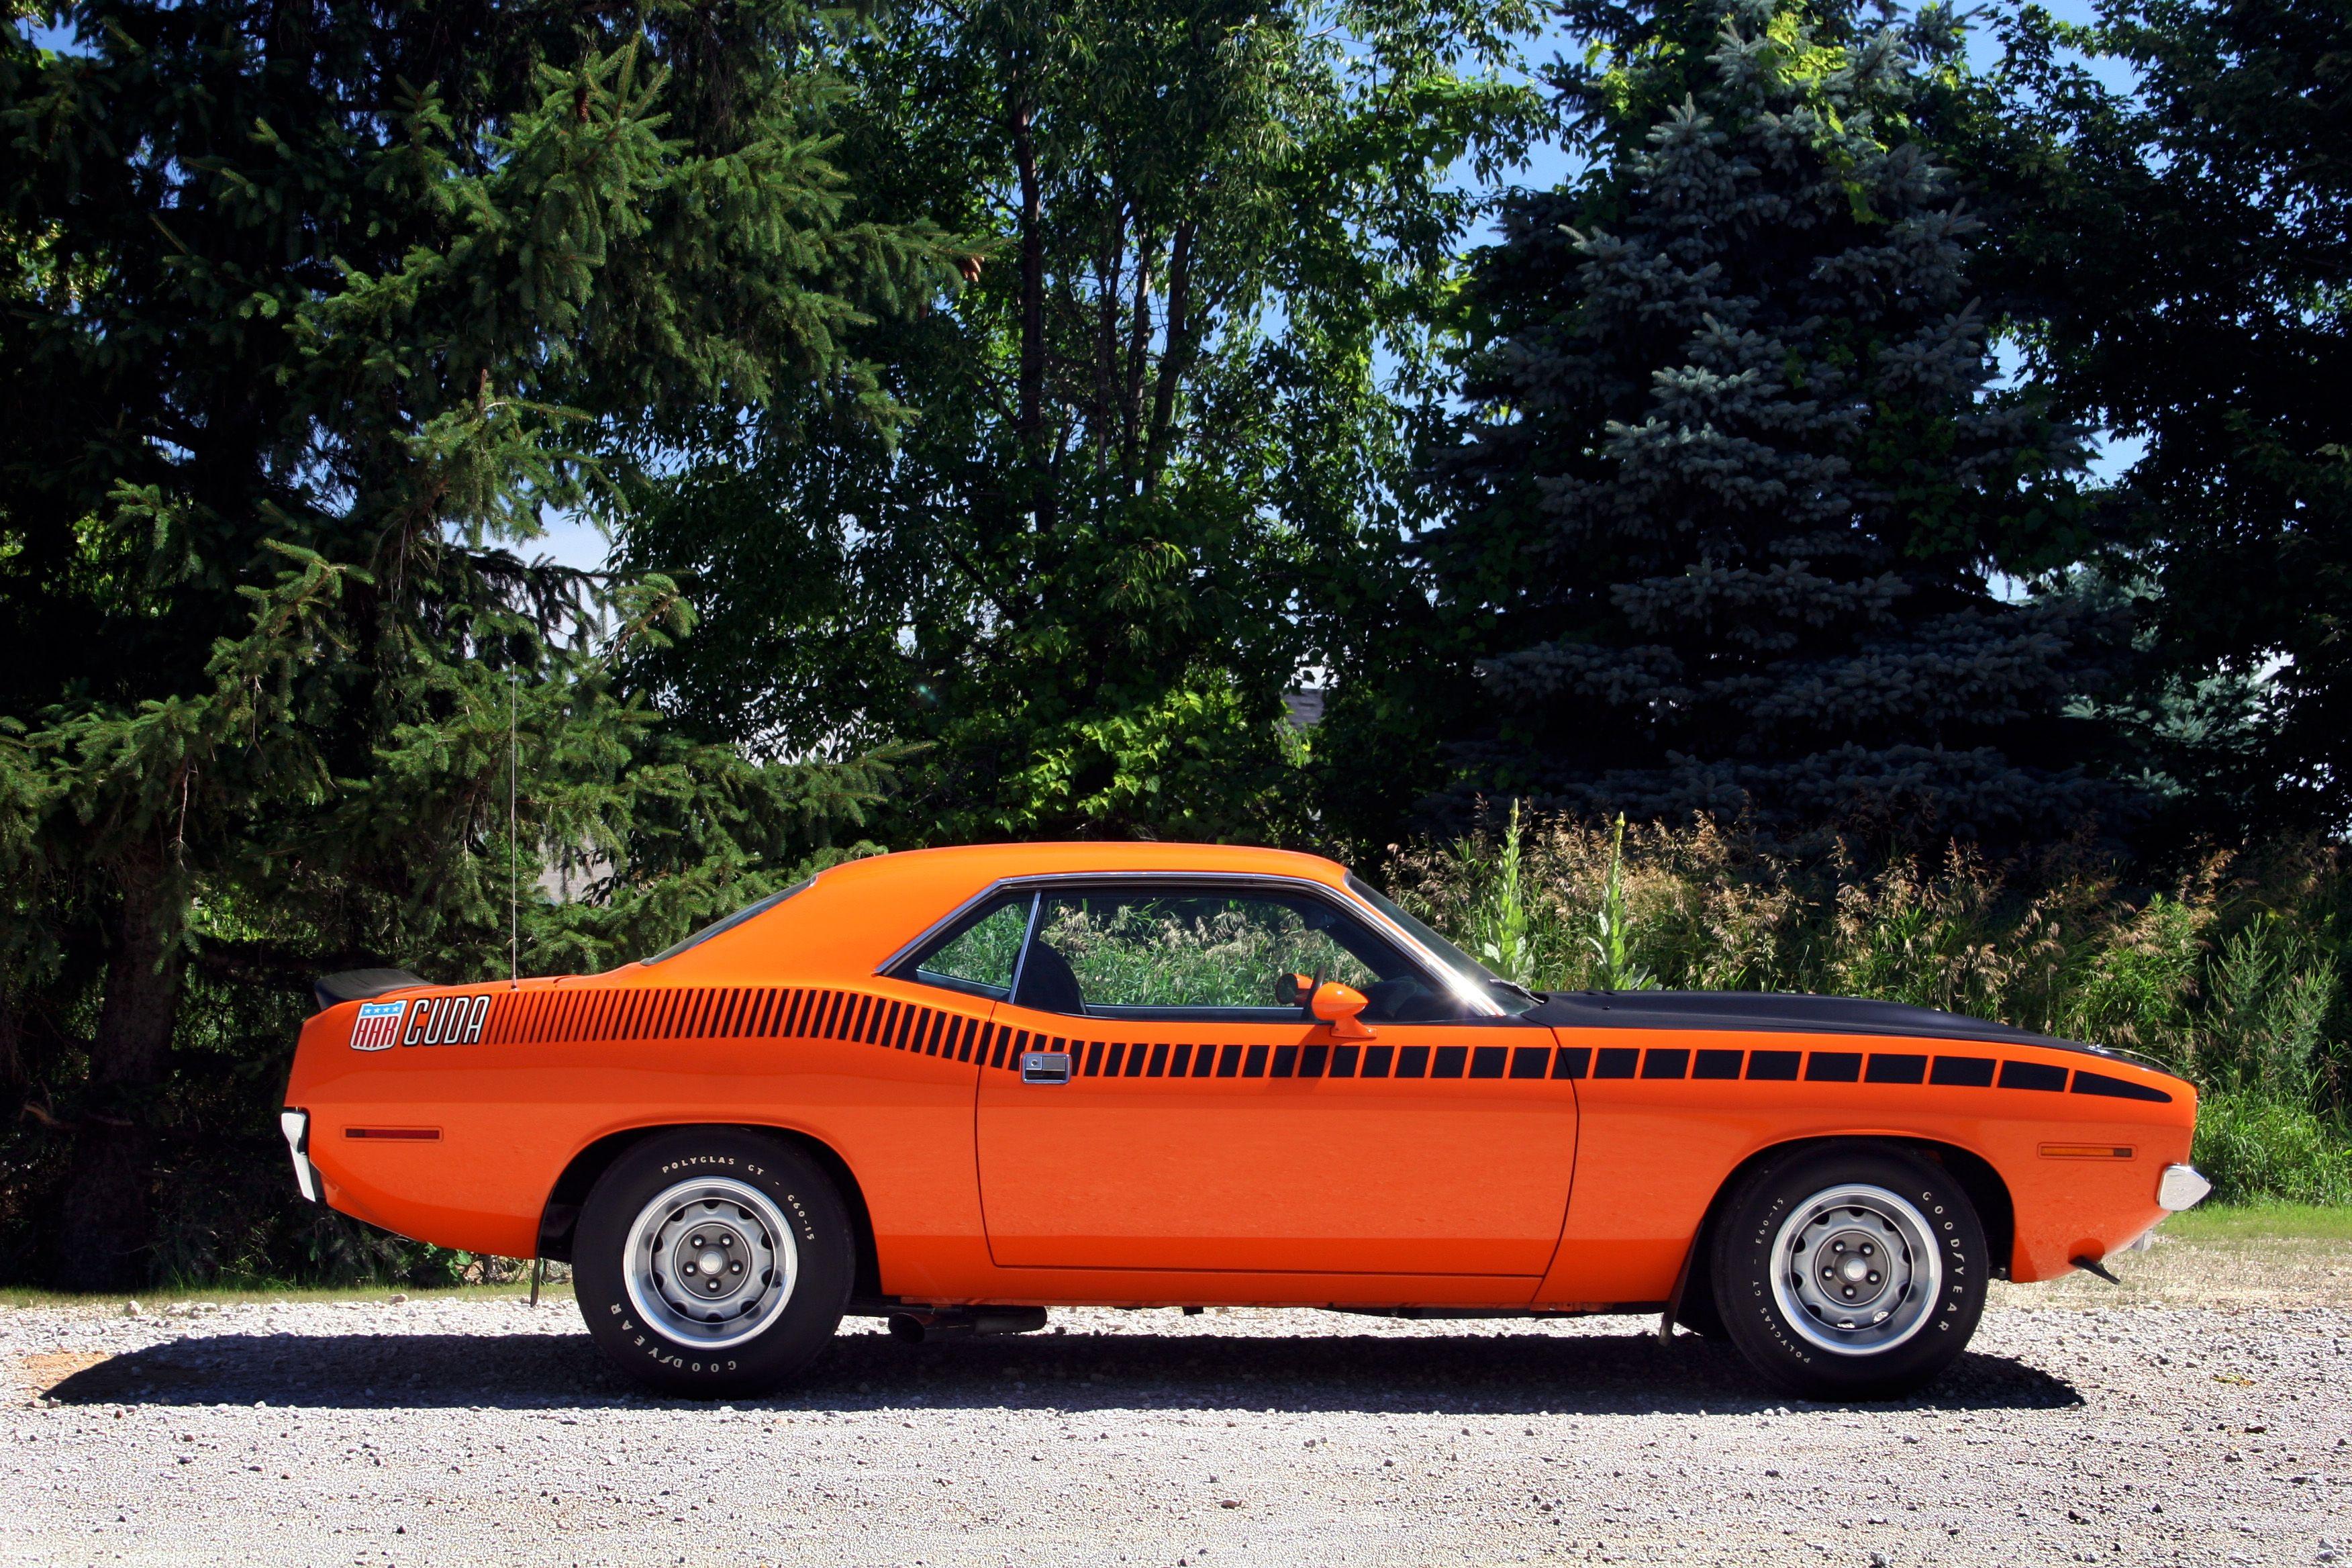 Dodge challenger drag car photo by mopar belle chrysler power classic chrysler power pinterest mopar car photos and dodge challenger